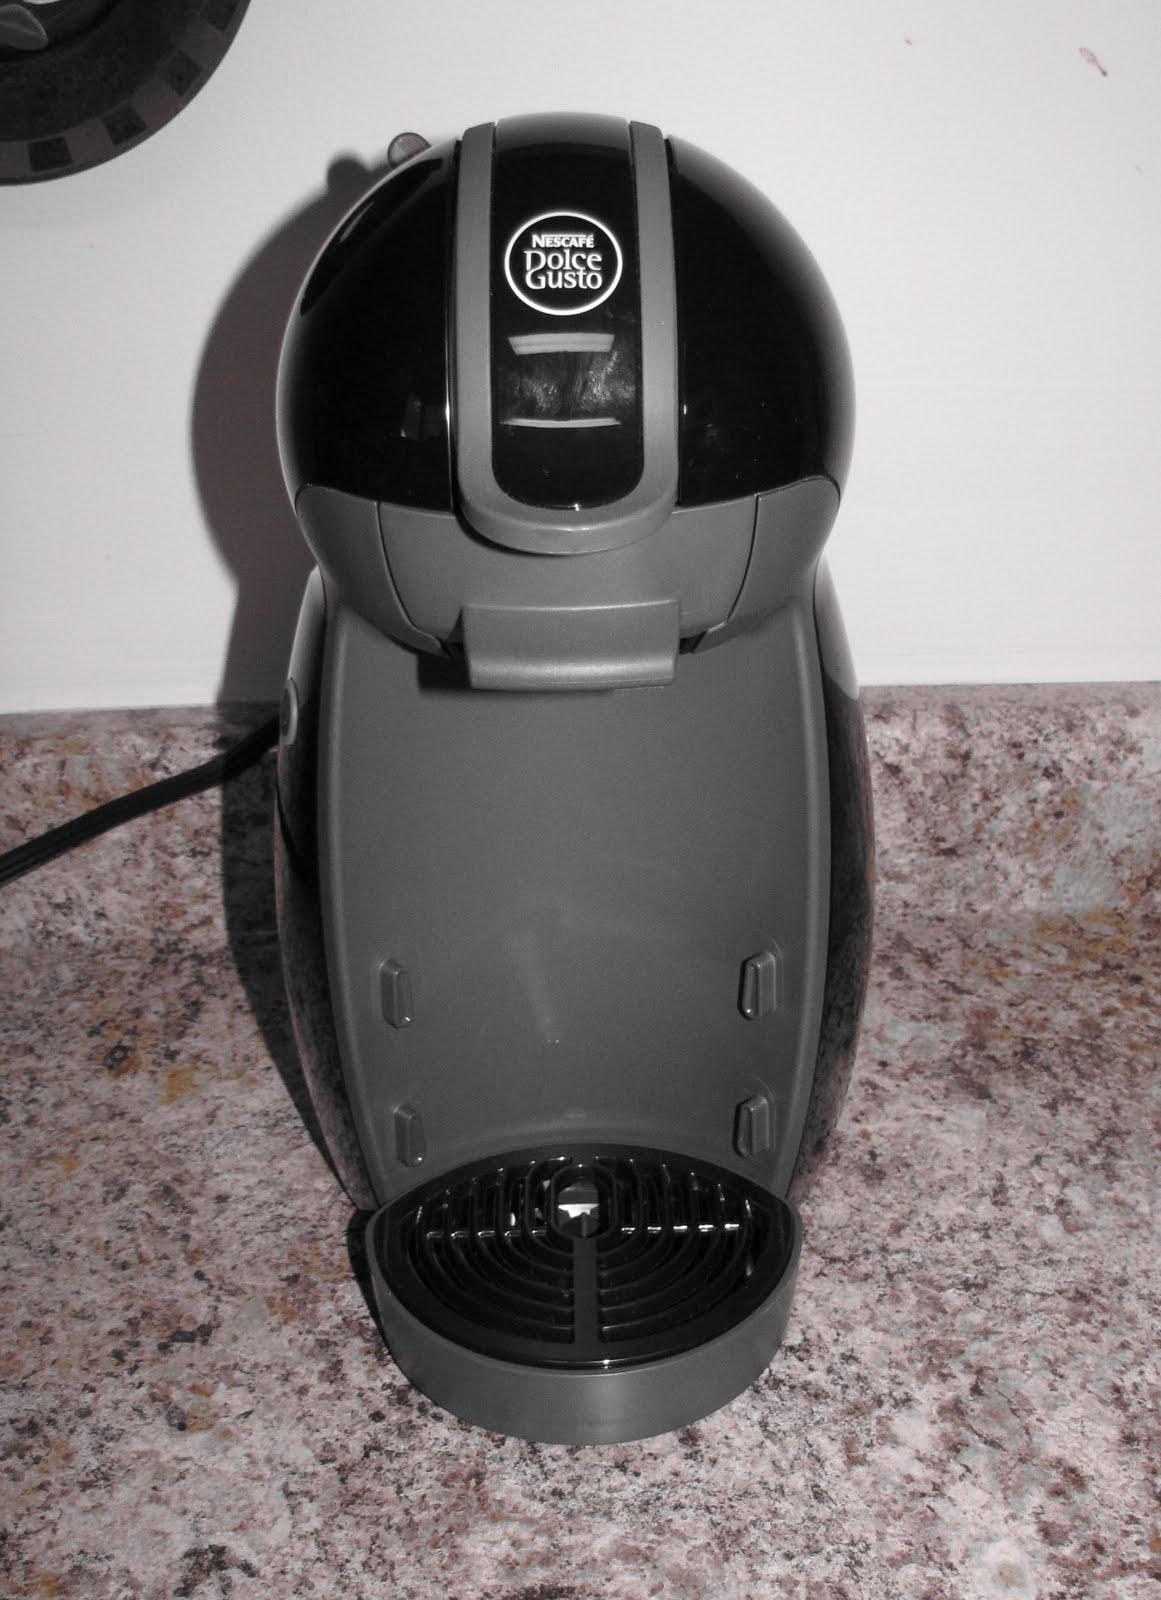 Nescafe K Cup Coffee Maker : NESCAFe Dolce Gusto Piccolo Coffee Maker